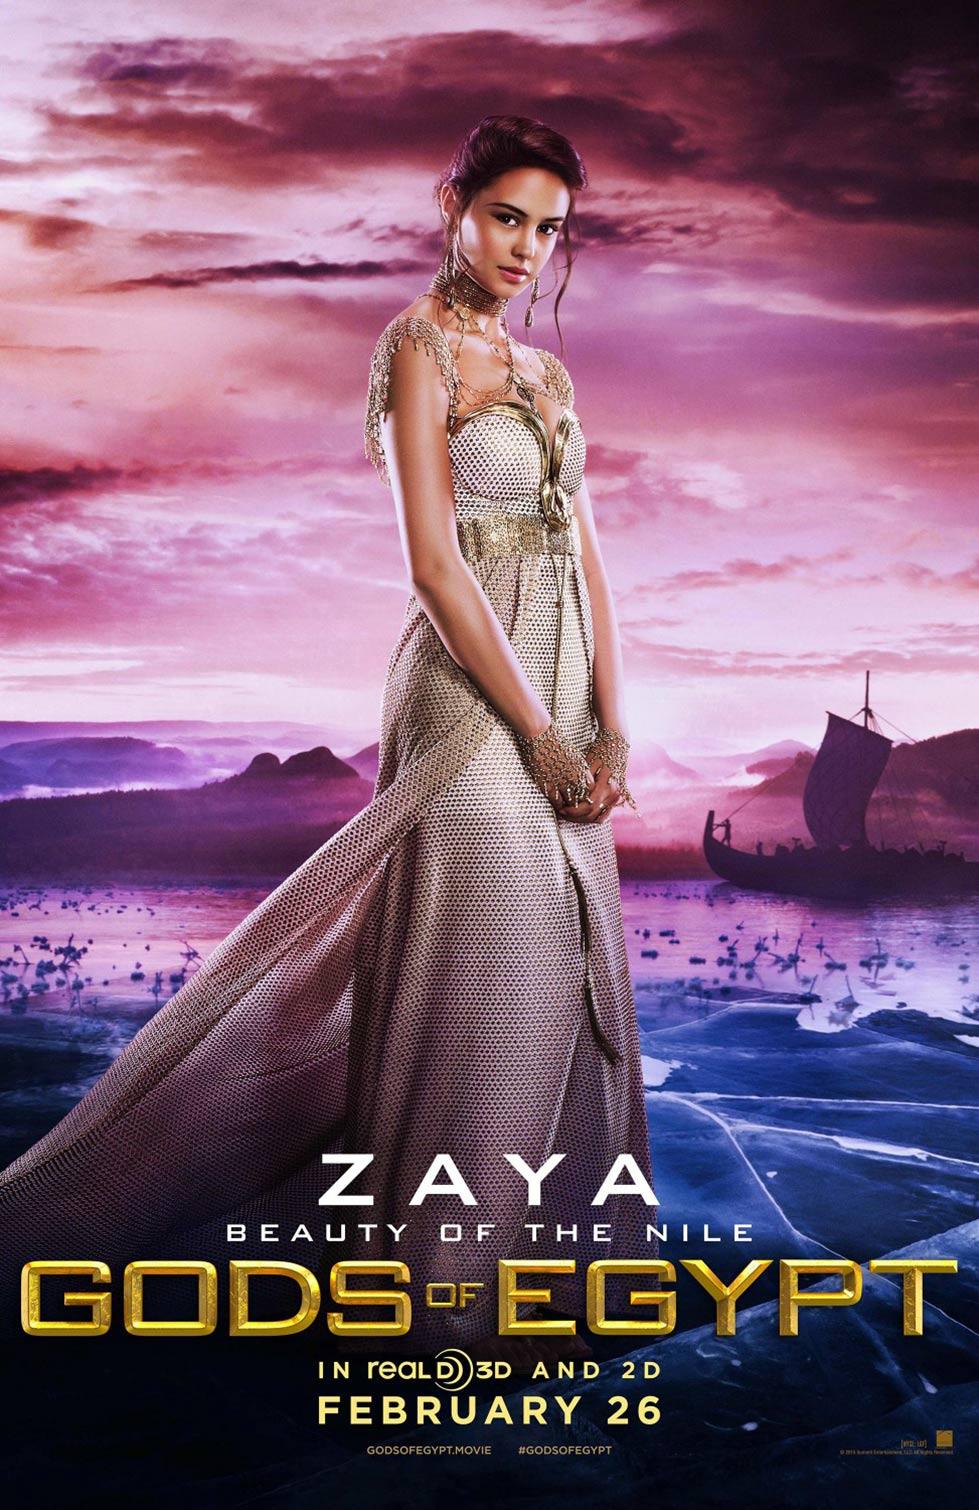 Gods of Egypt Poster #6